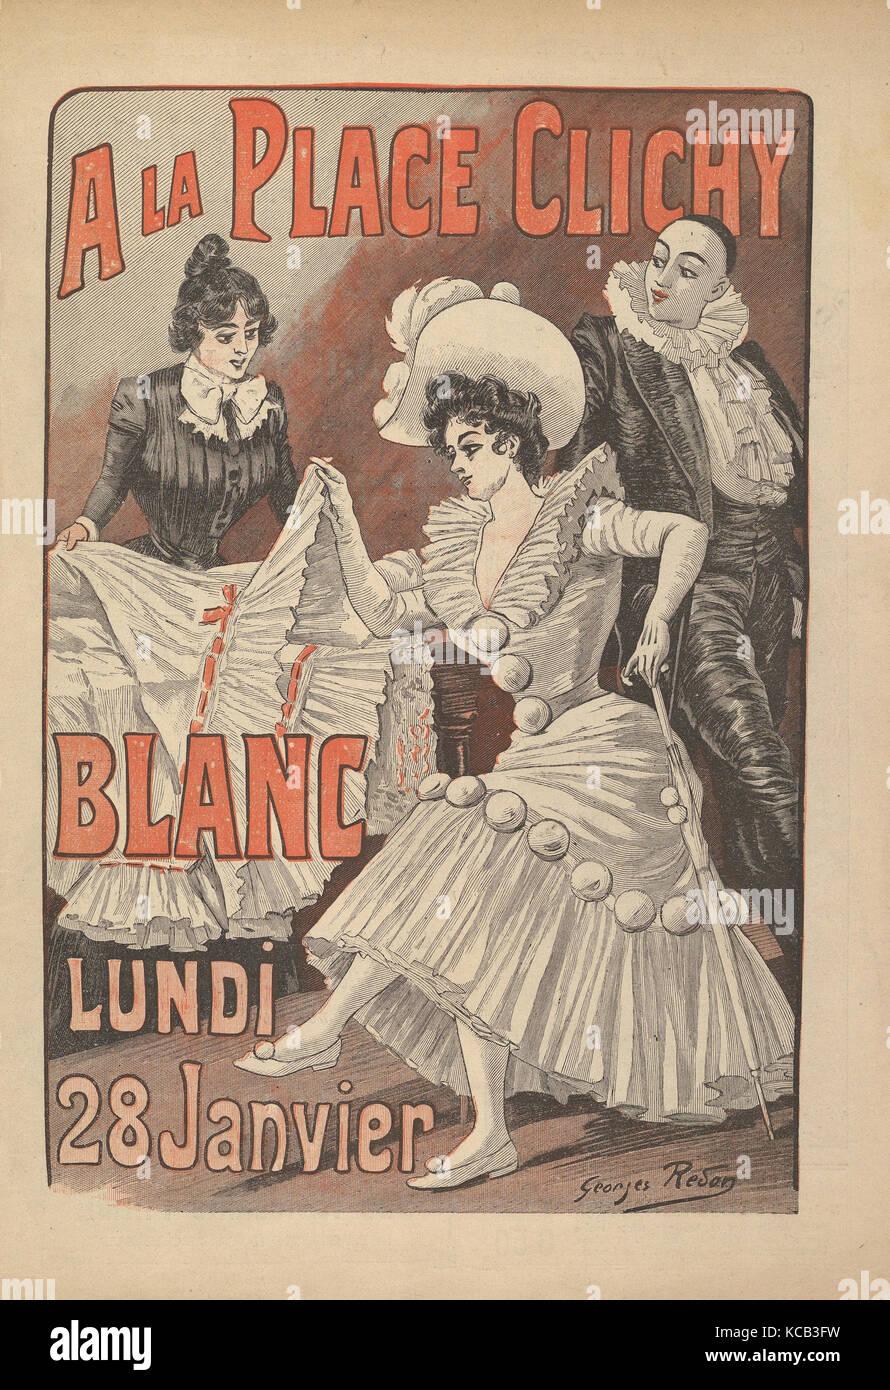 Los Grands Magasins de la Place Clichy, Exposition Annuelle de Blanc, Georges Redon, del siglo XIX. Foto de stock